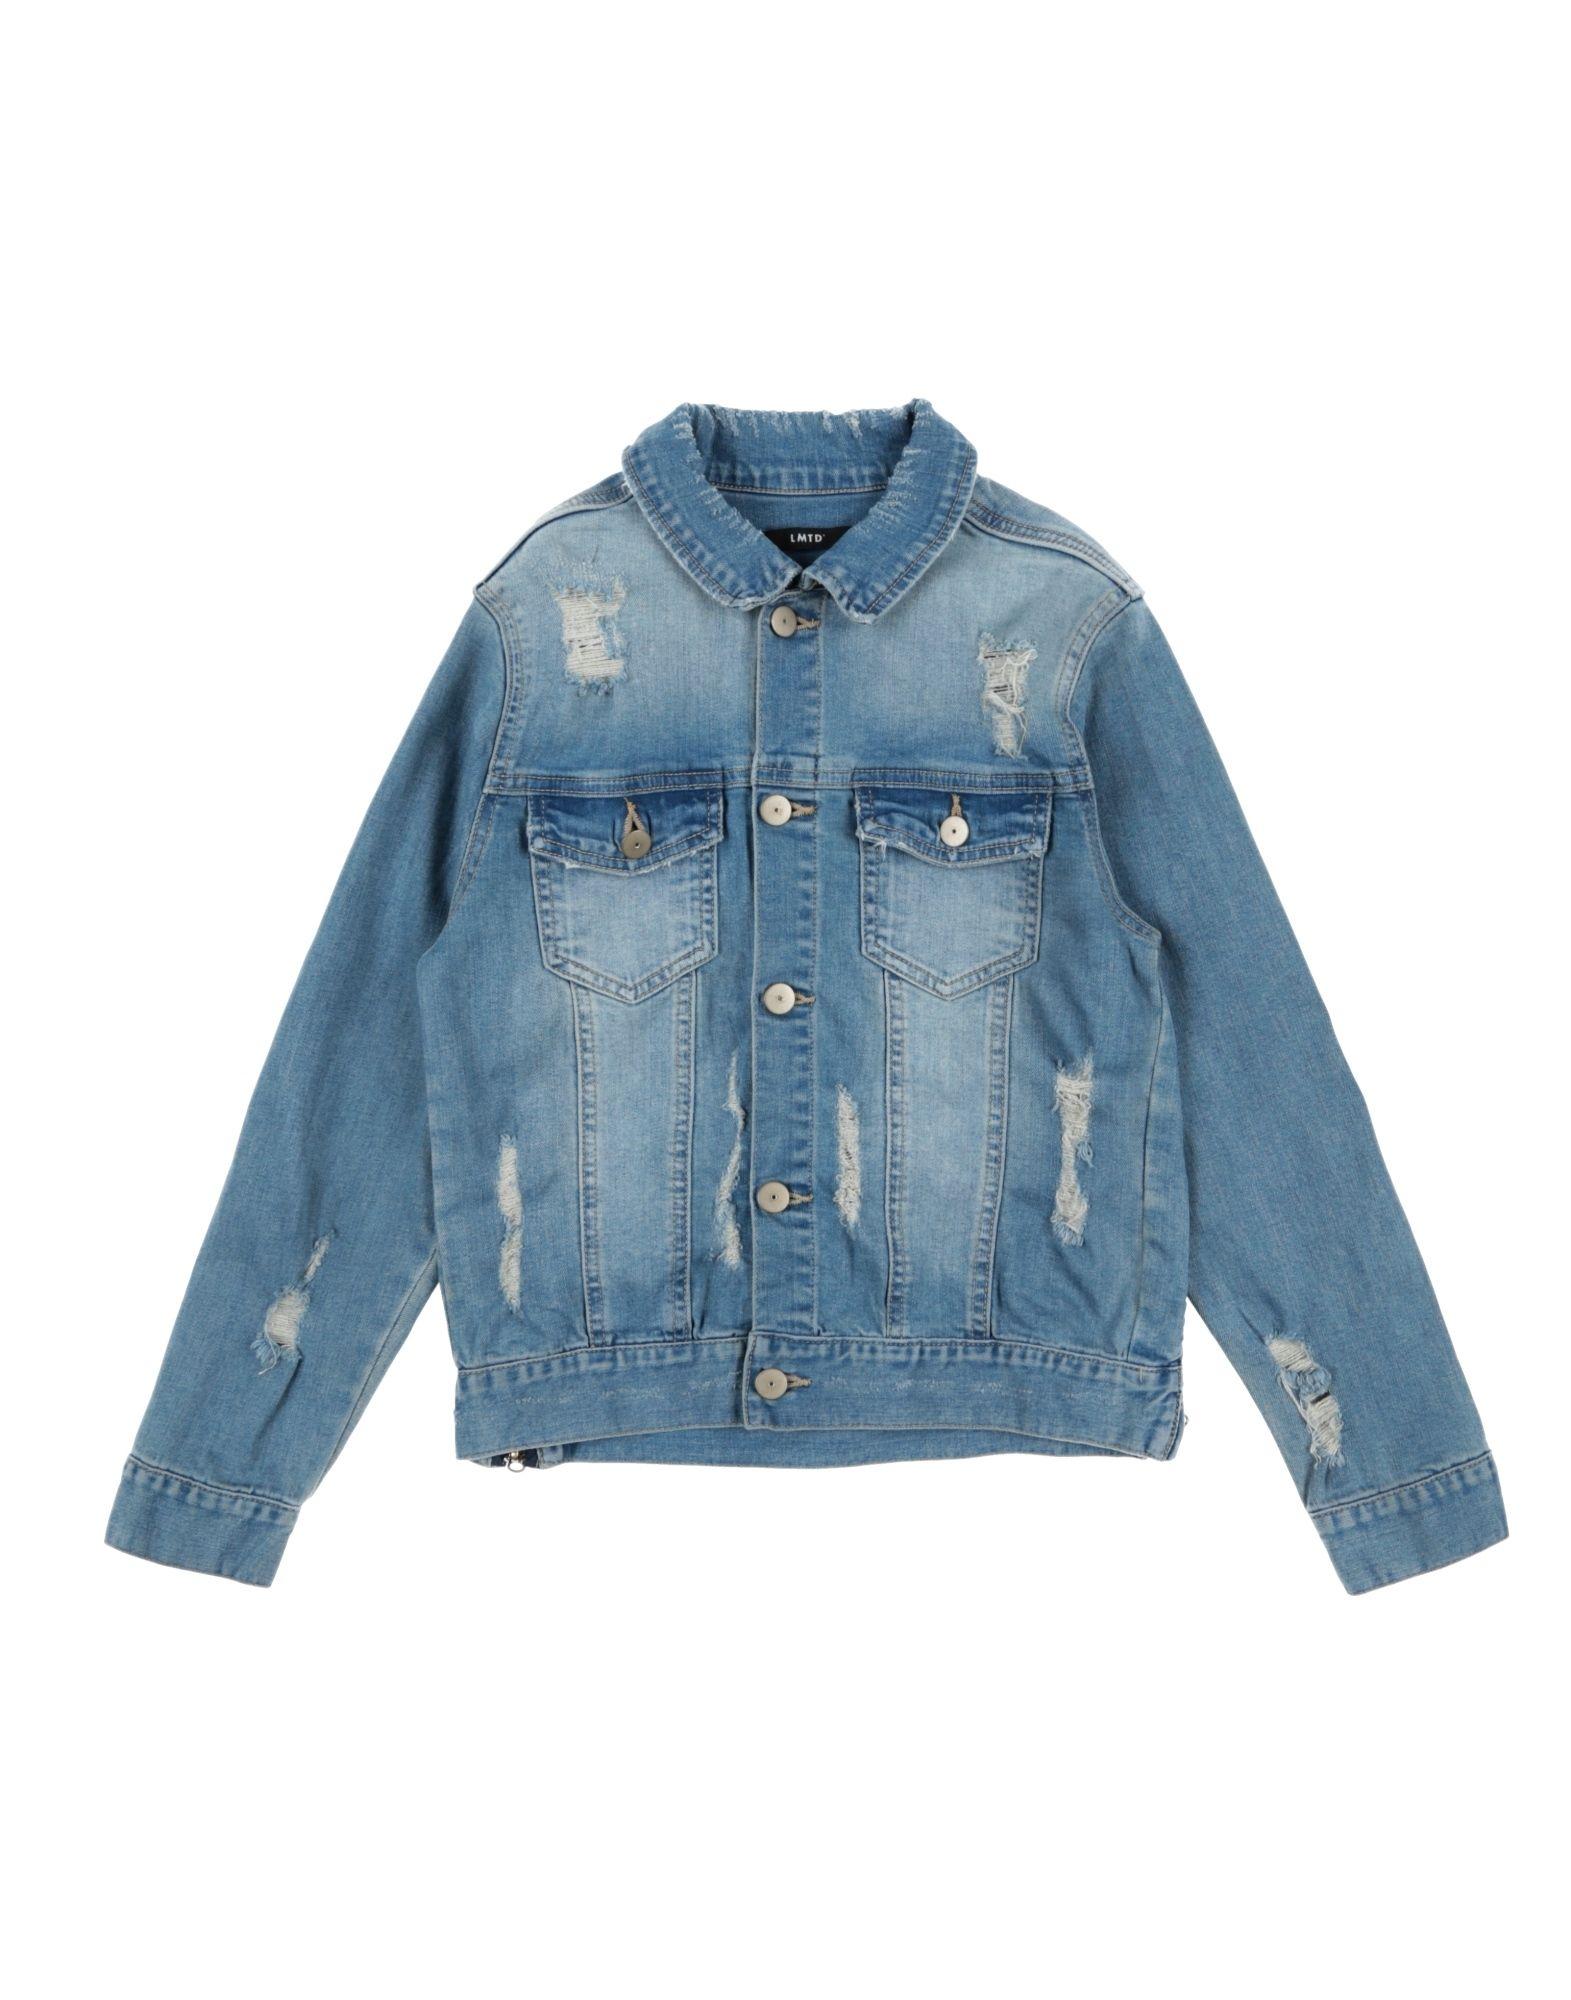 LMTD Denim outerwear